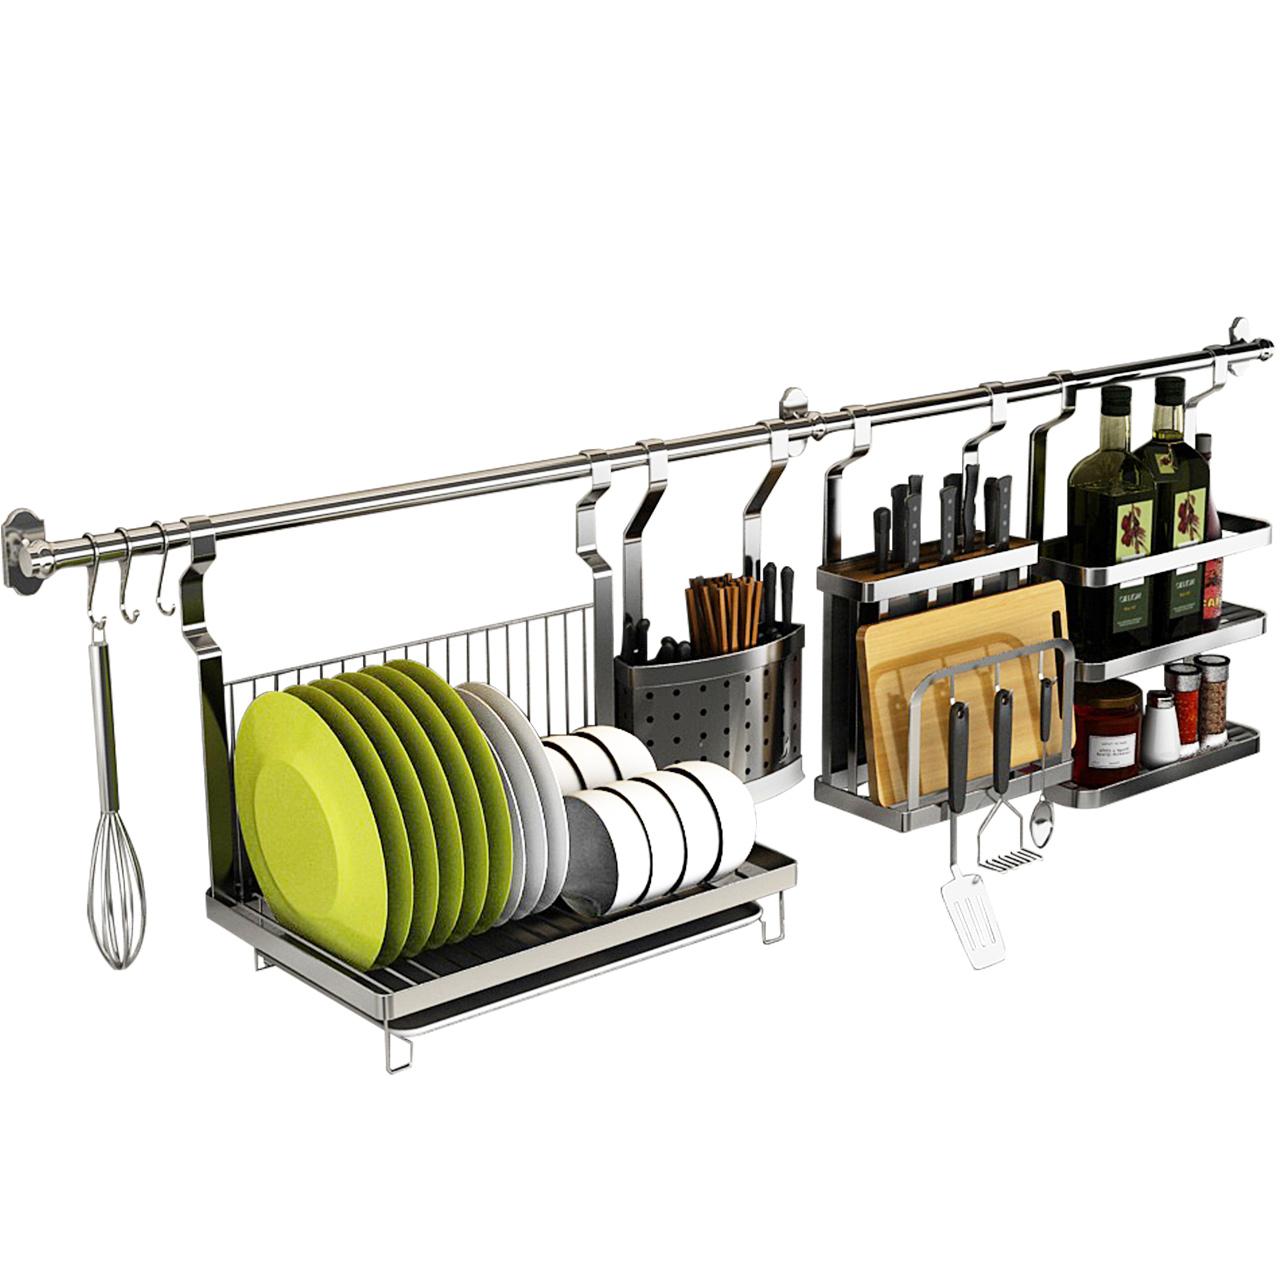 304不锈钢厨房置物架壁挂式挂件挂架子挂杆挂墙不锈钢挂钩收纳架